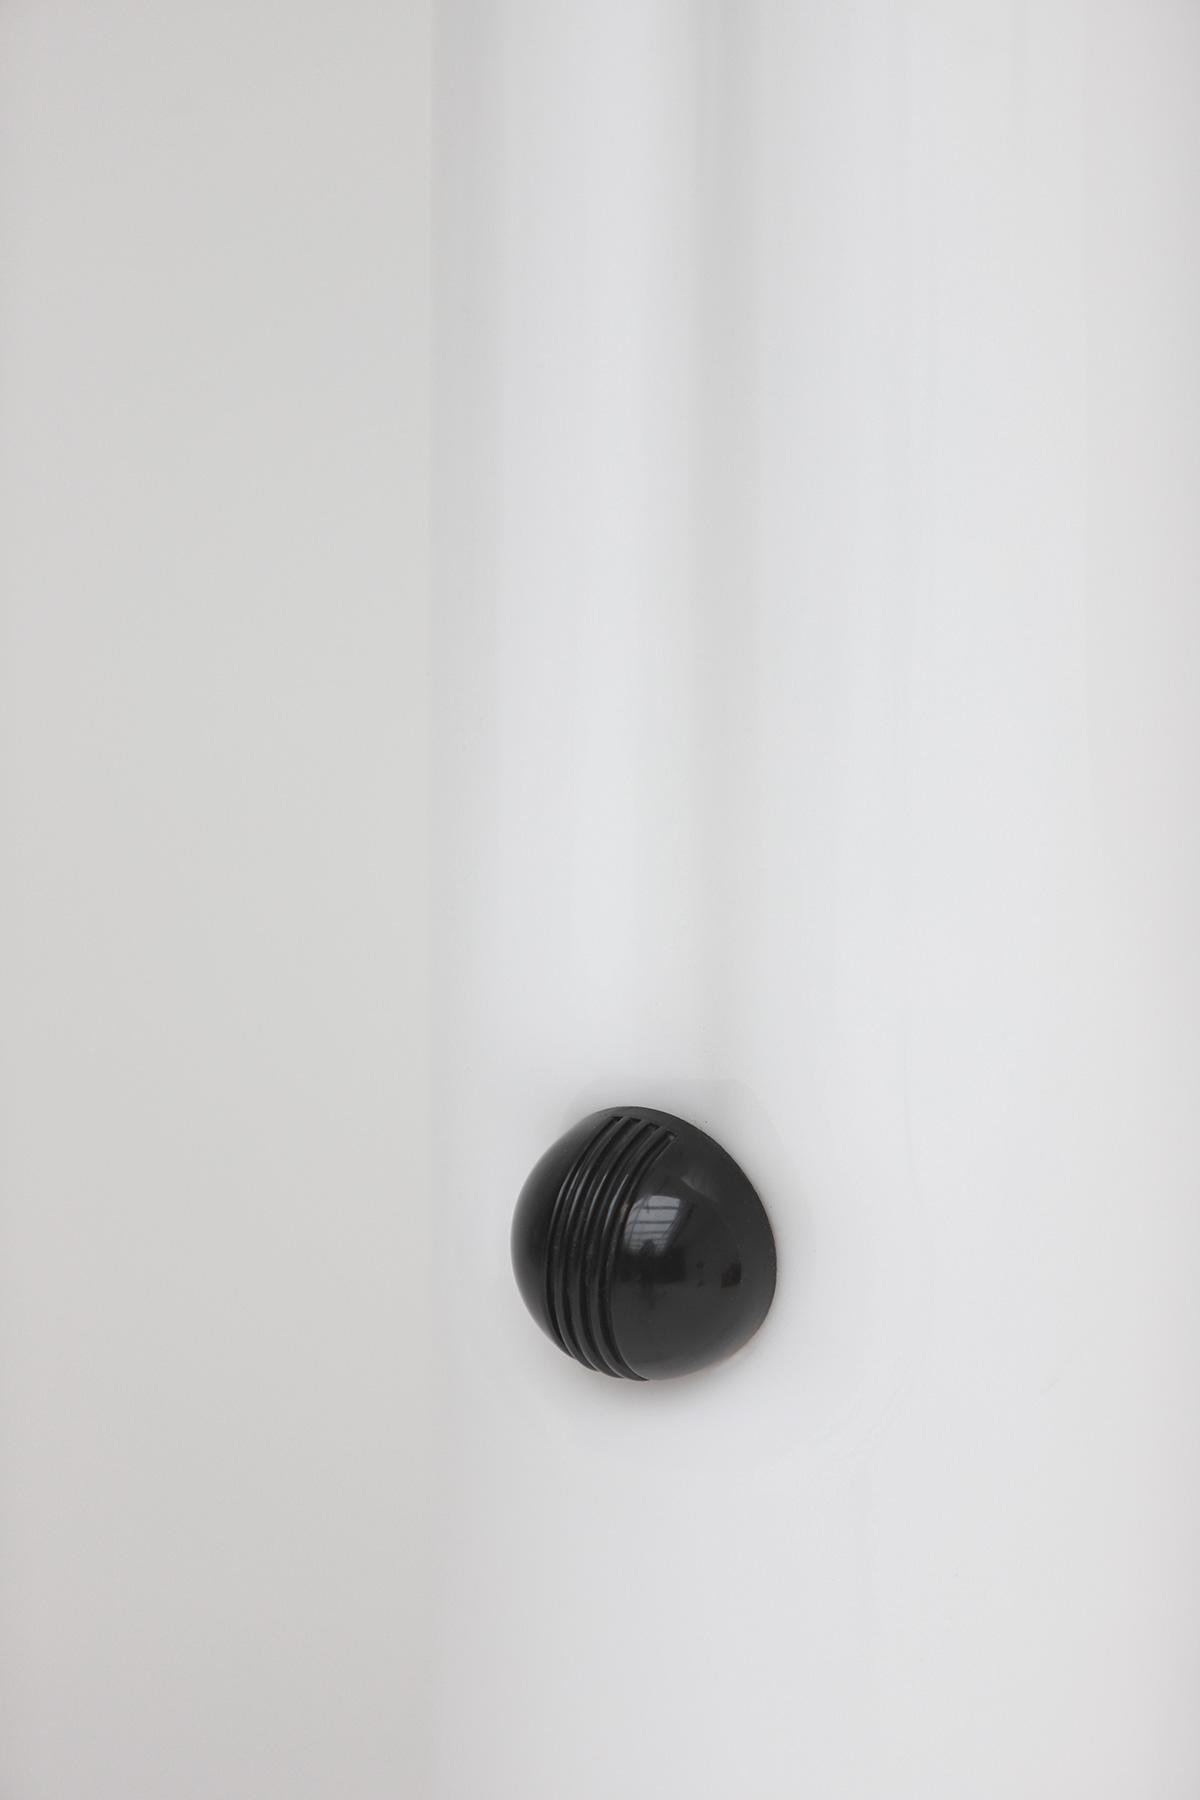 Alba floor lamp by Sergio Brazzoli and Ermanno Lampa for Harvey Guzzini 1973image 7